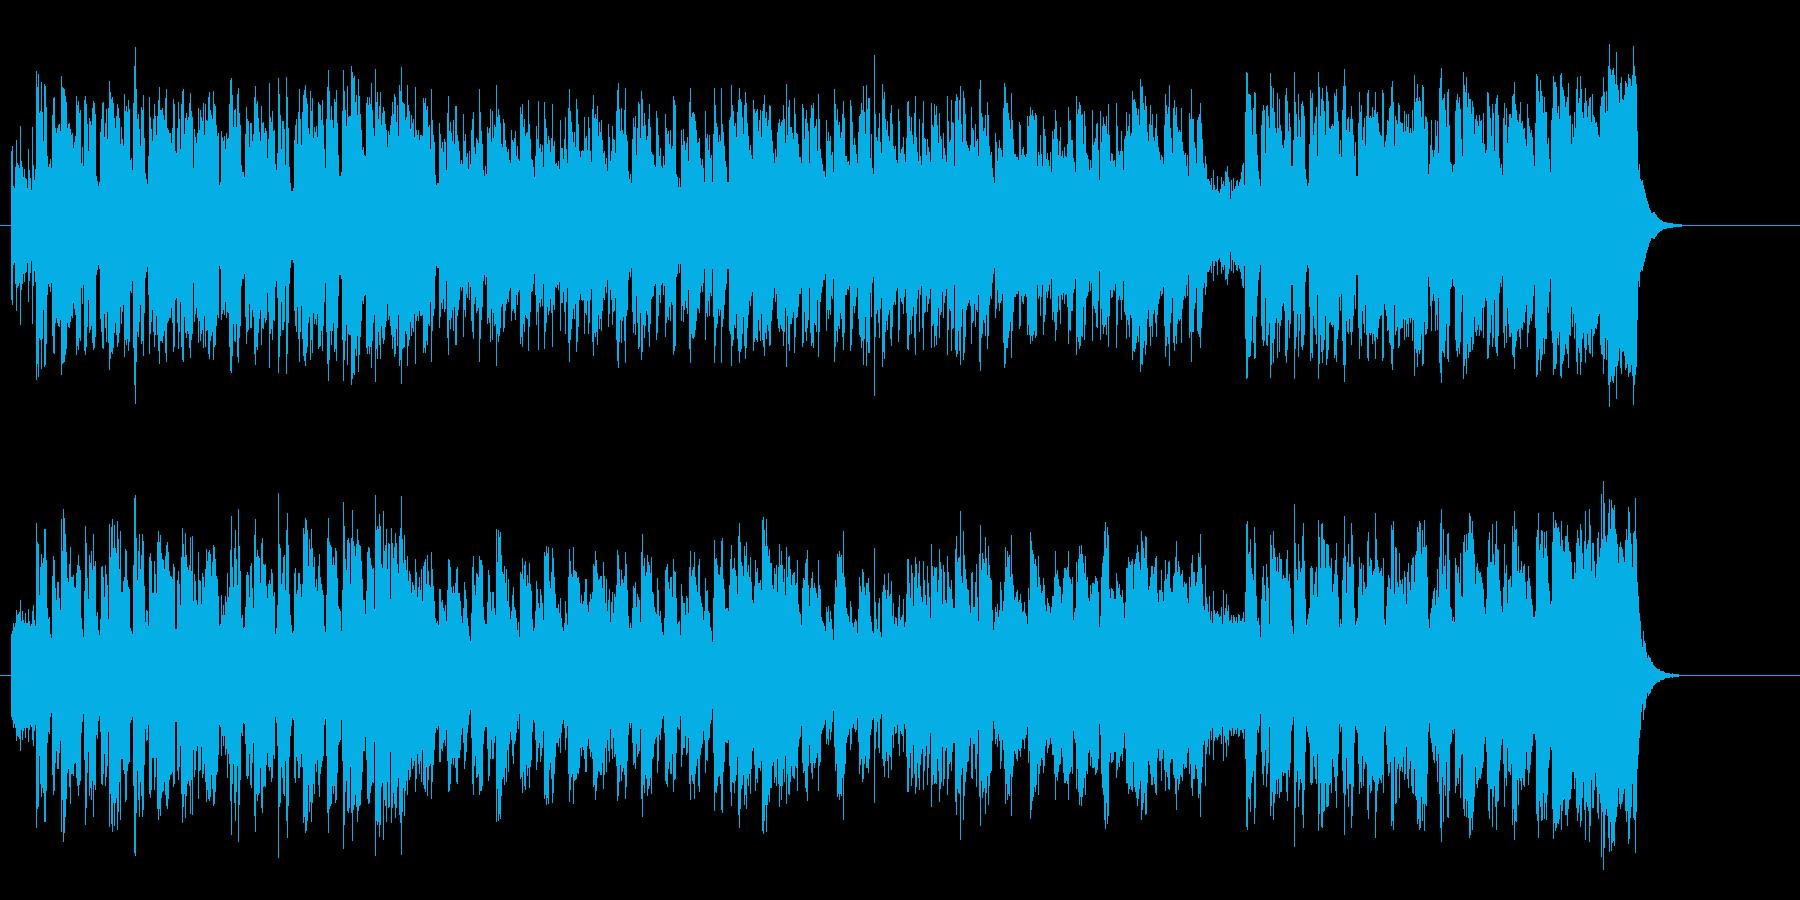 サーカスを告げるライト・ポップスの再生済みの波形